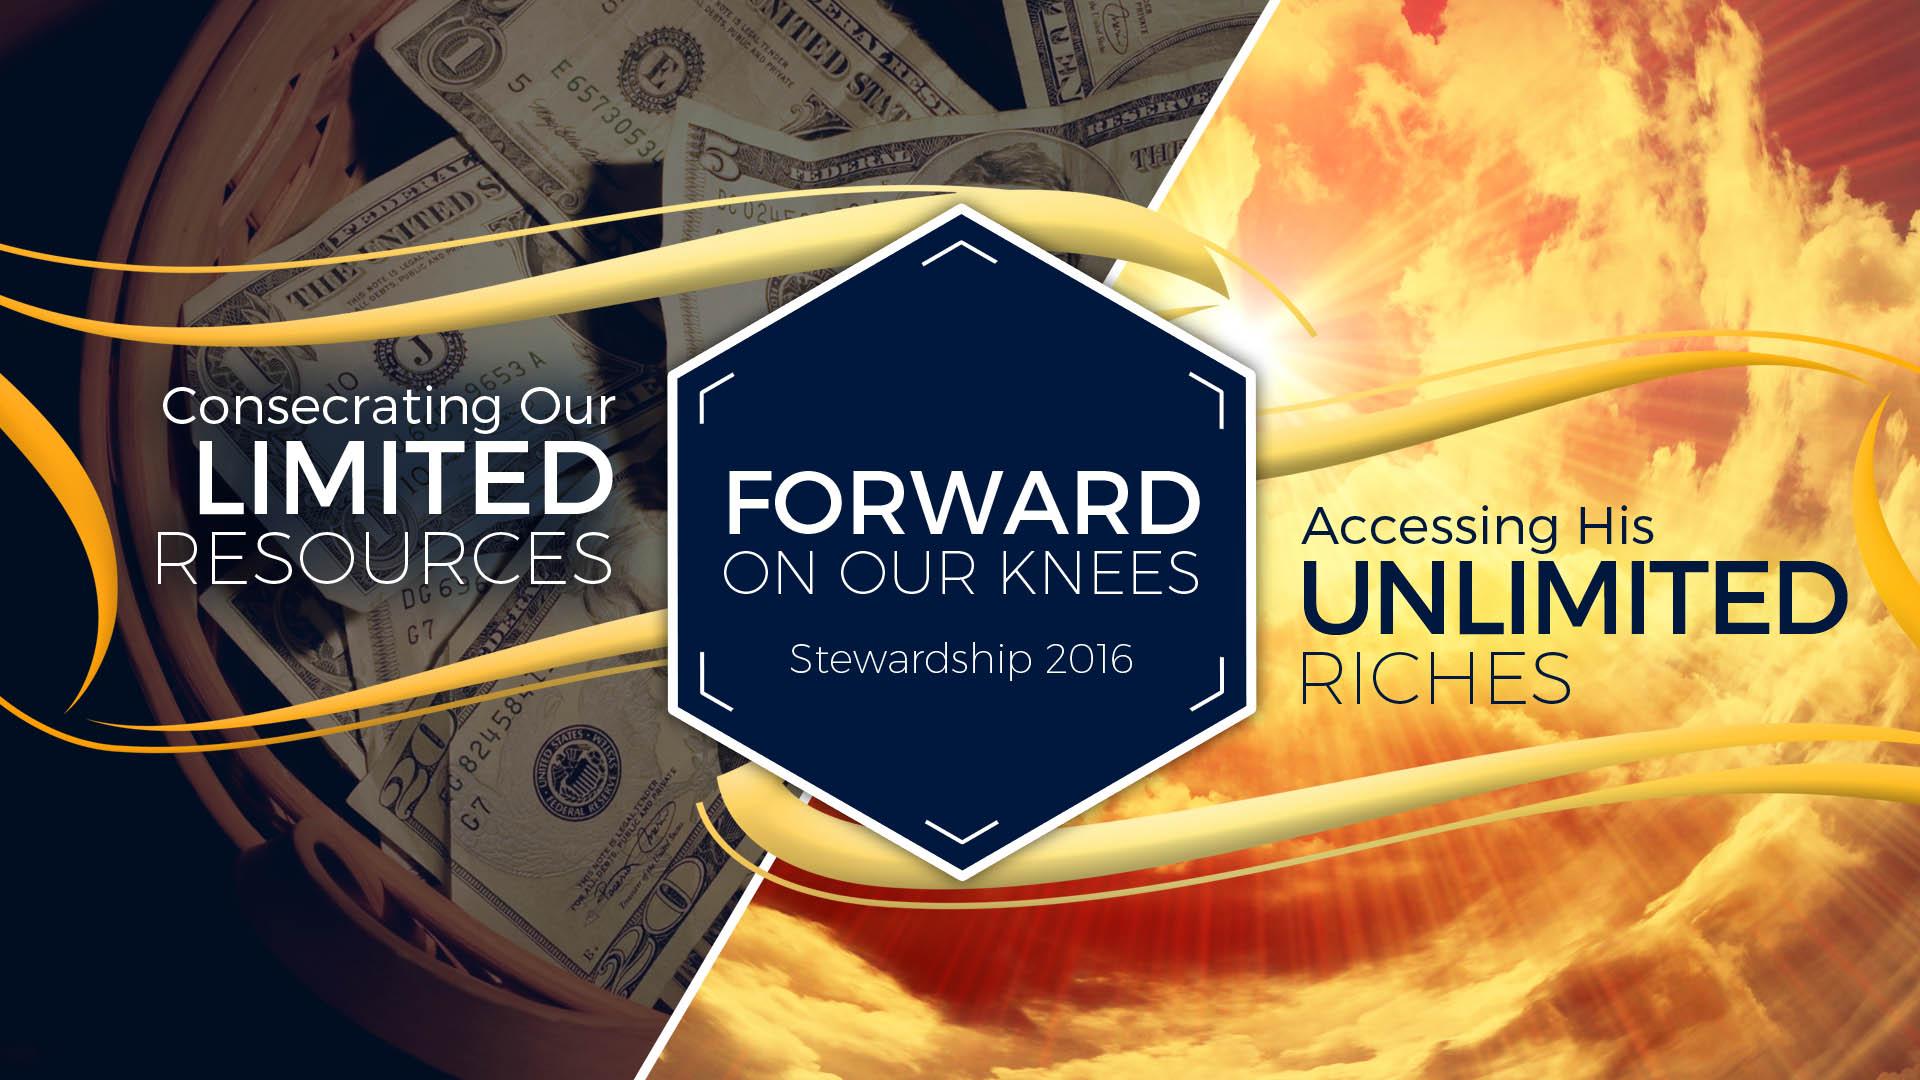 Stewardship 2016